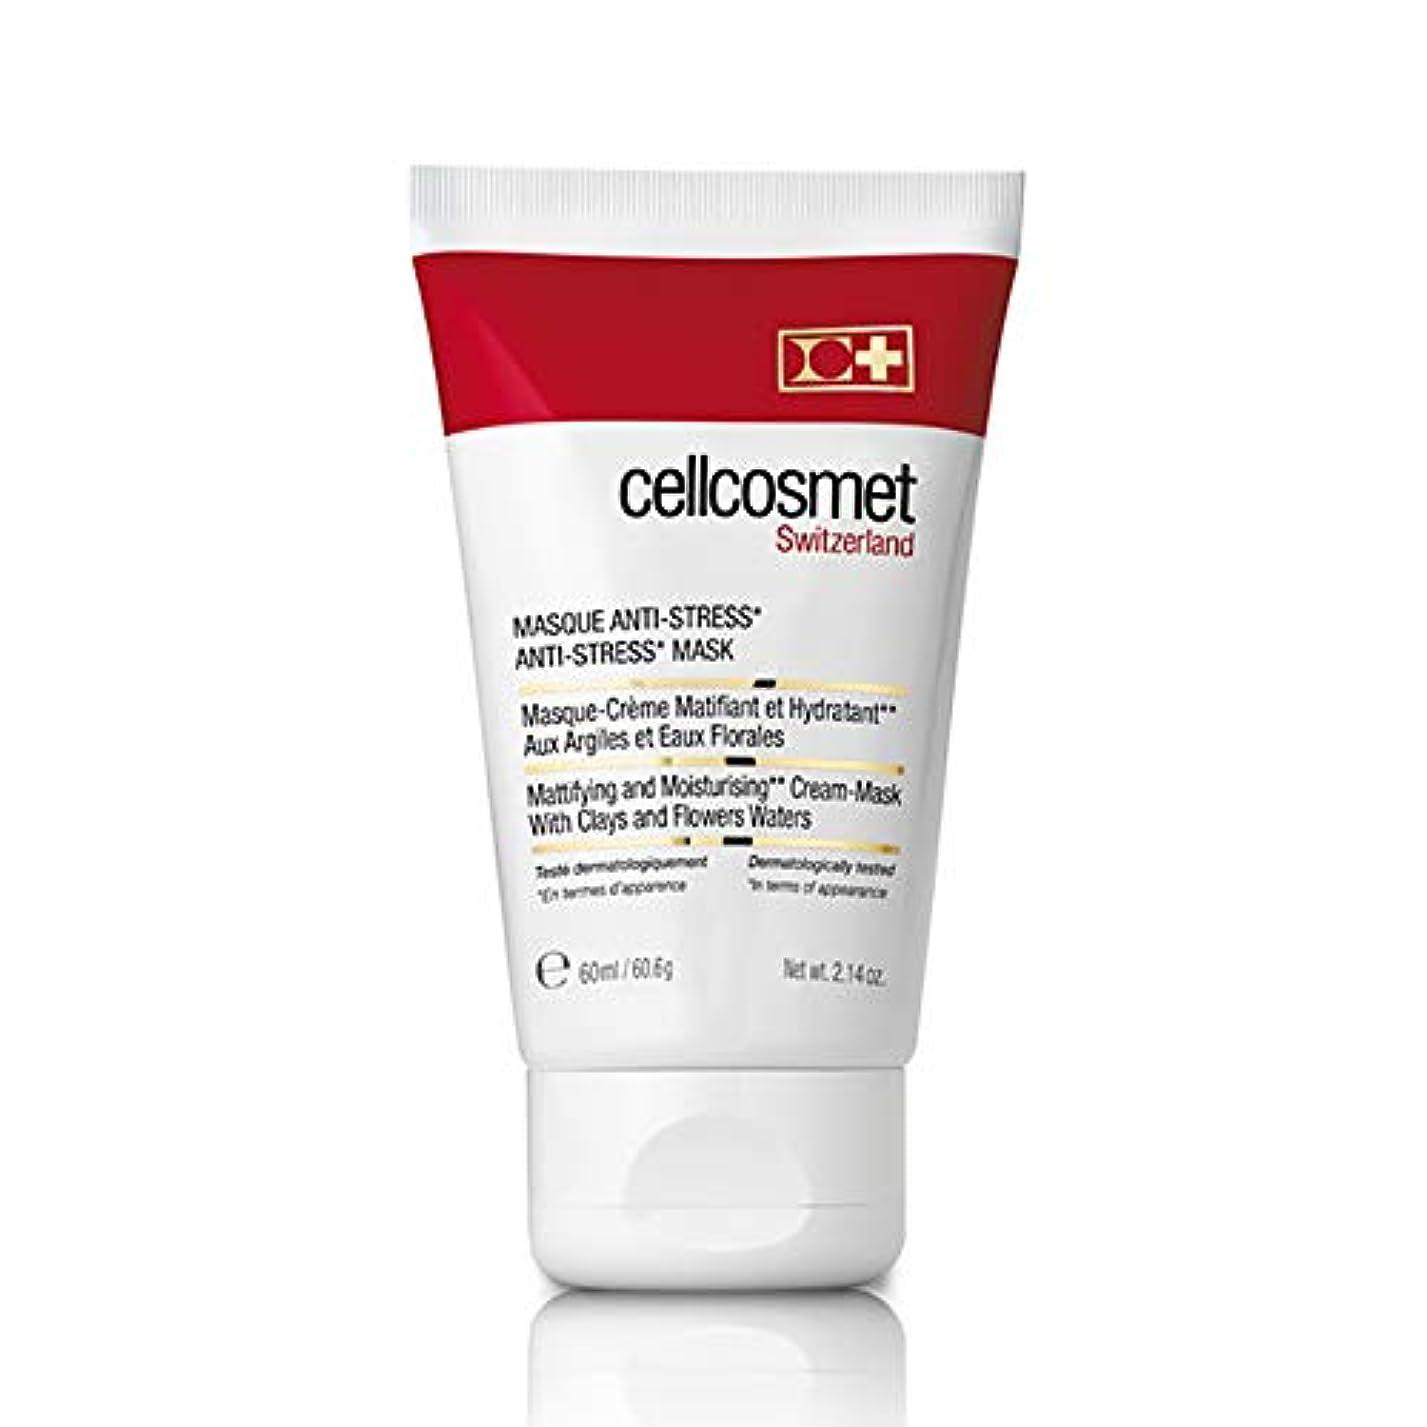 シャッター遷移ネブセルコスメ & セルメン Cellcosmet Anti-Stress Mask - Ideal For Stressed, Sensitive or Reactive Skin 60ml/2.14oz並行輸入品